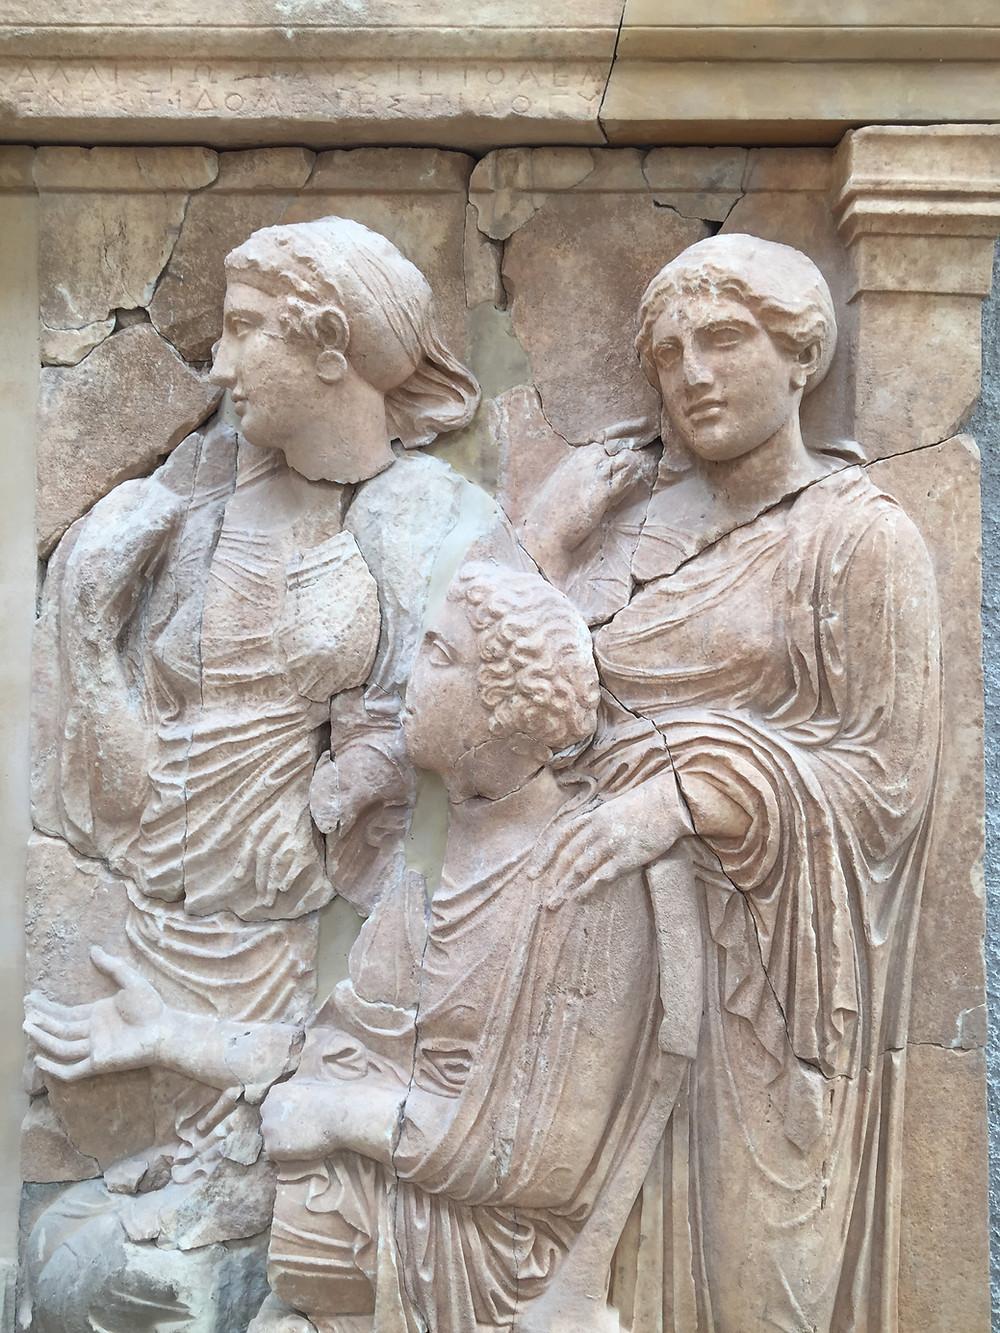 Λεπτομέρεια της επιτύμβιας στήλη της οικογένειας του Μενεστίδη. Απεικονίζονται 3 γυναίκες: οι δύο αδελφές και καθιστή η μητέρα τους, Ναυσιπτολέμη. Το έκθεμα βρίσκεται στην αίθουσα με το θριγκό του Ναού η οποία είναι επισκέψιμη κατόπιν συνεννόησης με την ΕΦΑ.